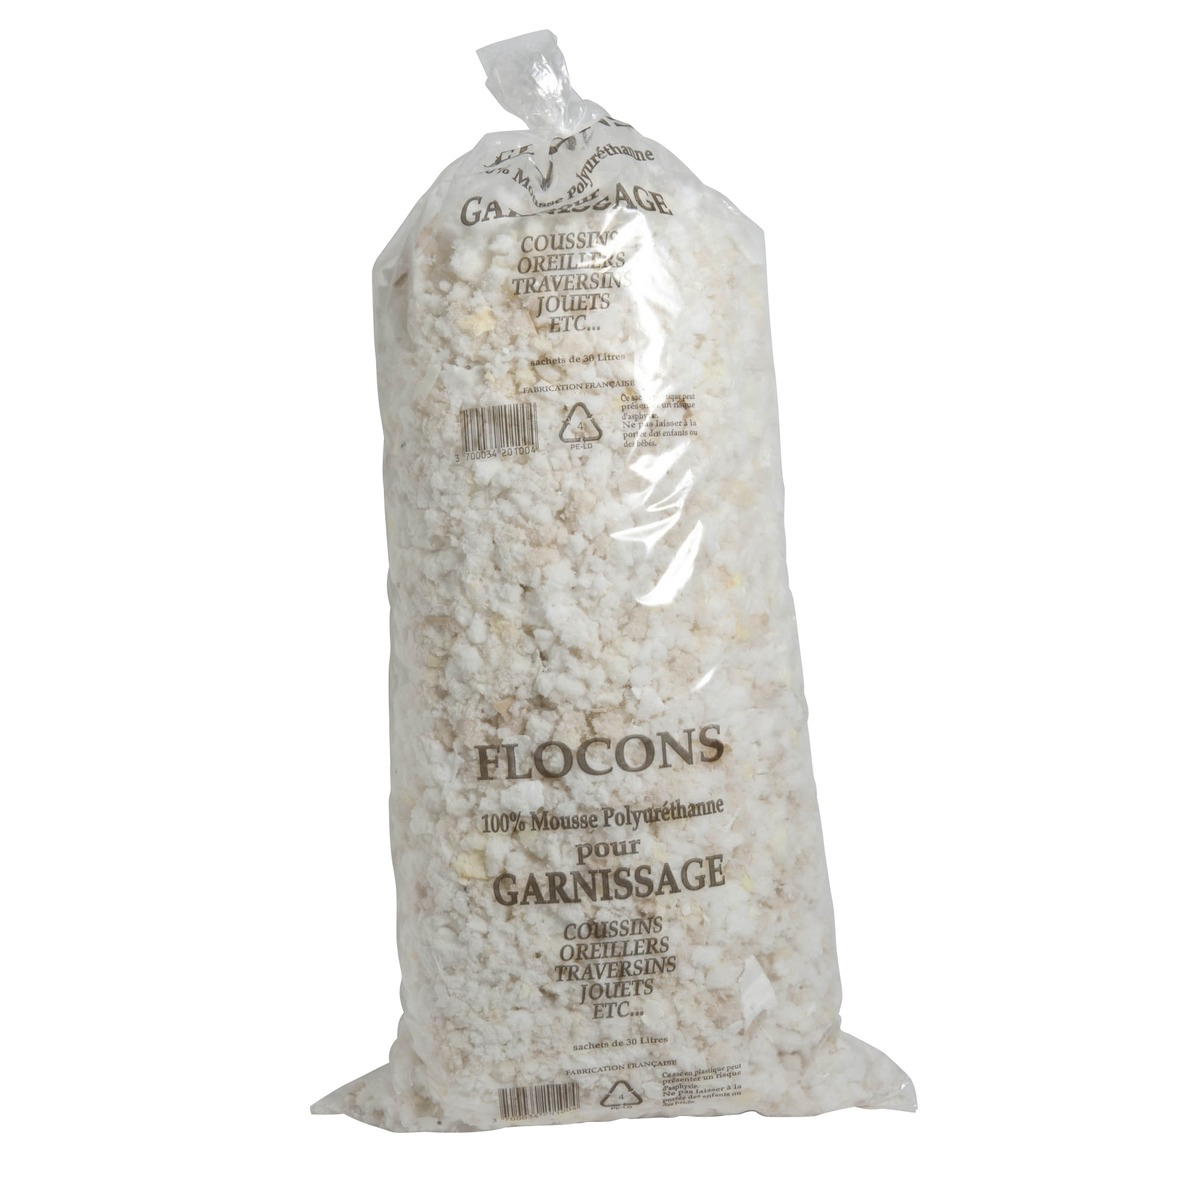 Sac De Mousse Floconnée - Pour Garnissage - 30 Litres - 100 pour Mousse Rembourrage Castorama